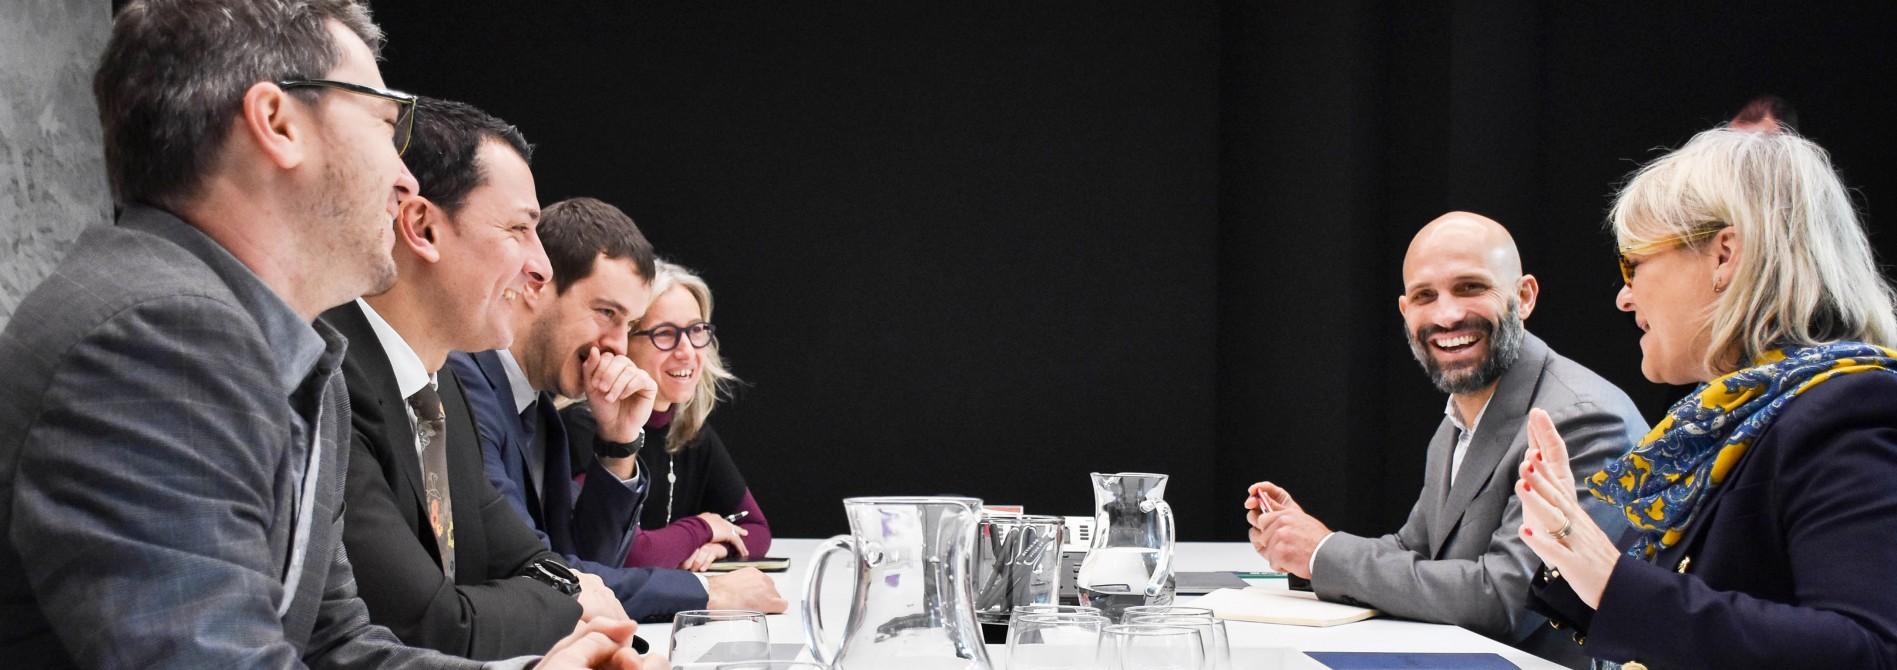 Una delegació canadenca arriba a Andorra per conèixer els projectes d'innovació del país i estrènyer relacions econòmiques